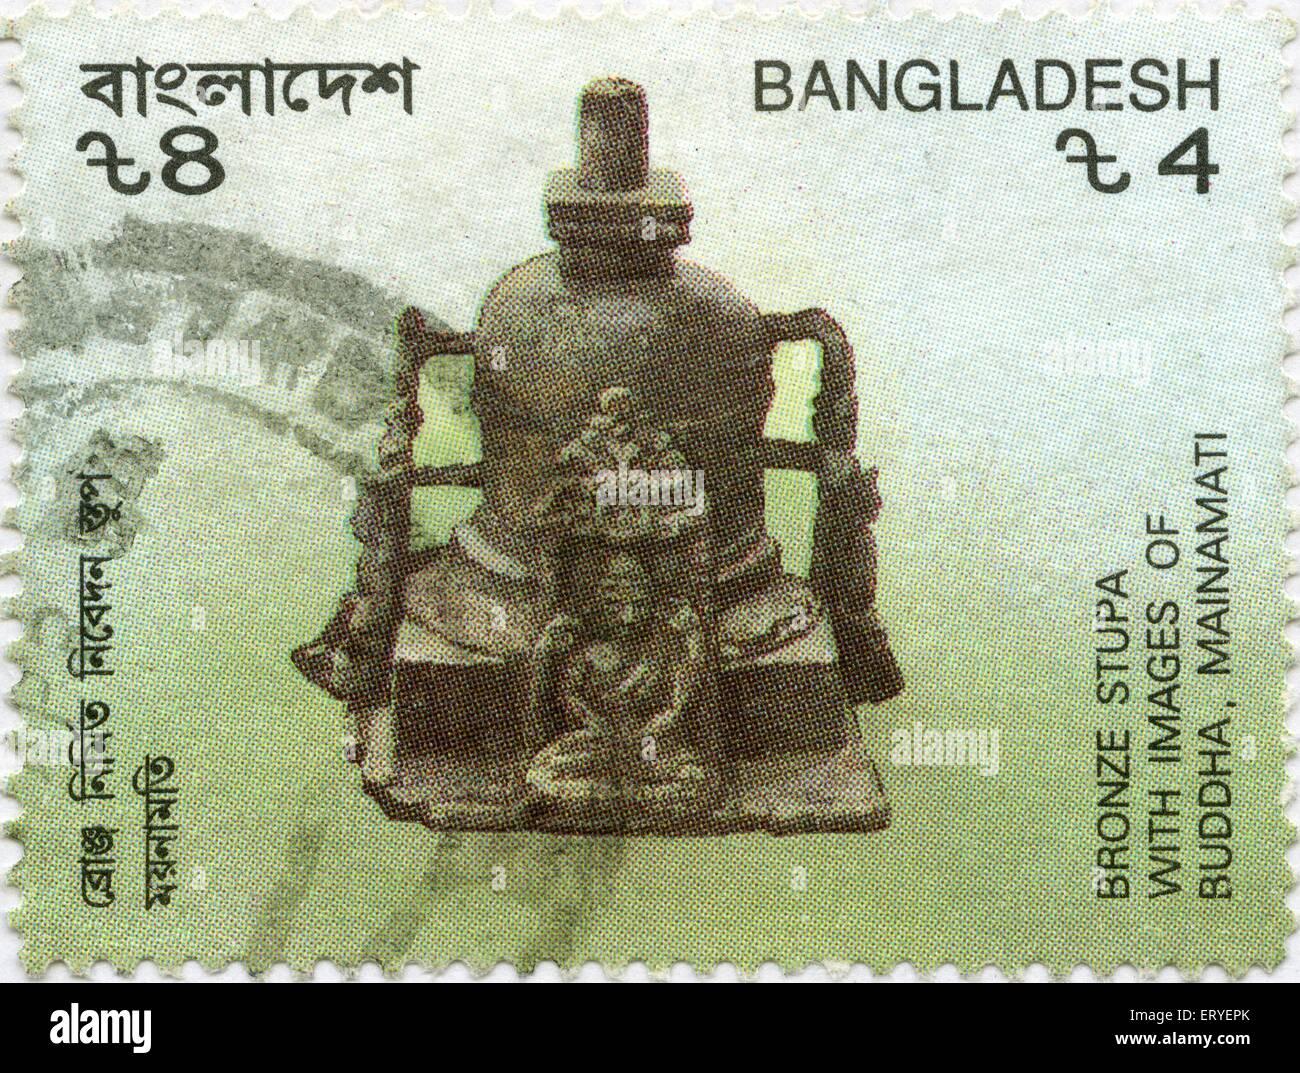 aad 163909 - Bronze Stupa with Buddha image postal stamp of Bangladesh - Stock Image